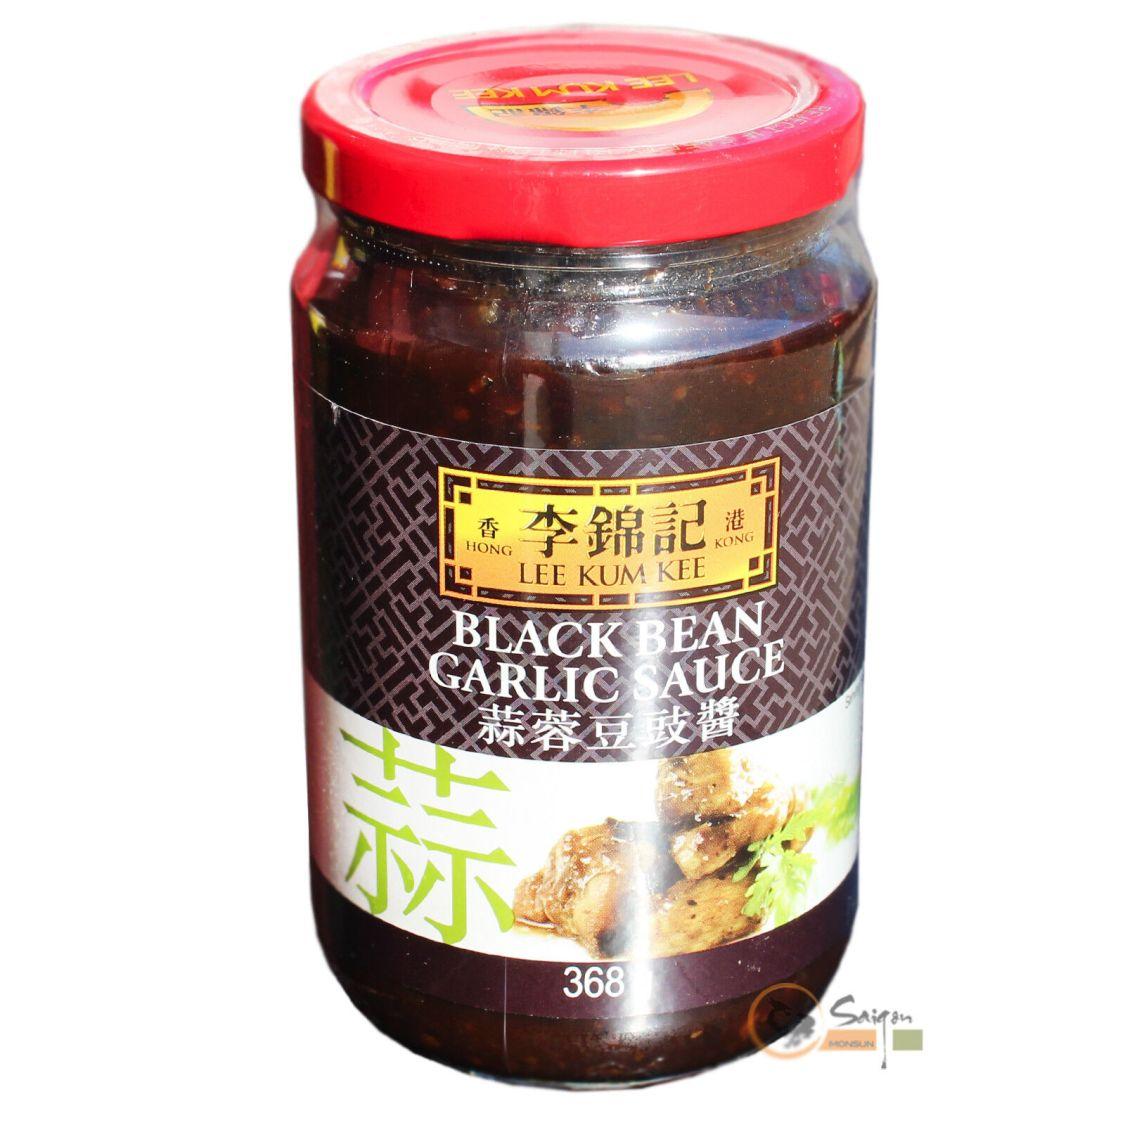 LKK Black Bean Garlic Soße 368g Lee Kum Kee schwarze Bohnen Knoblauch Sauce